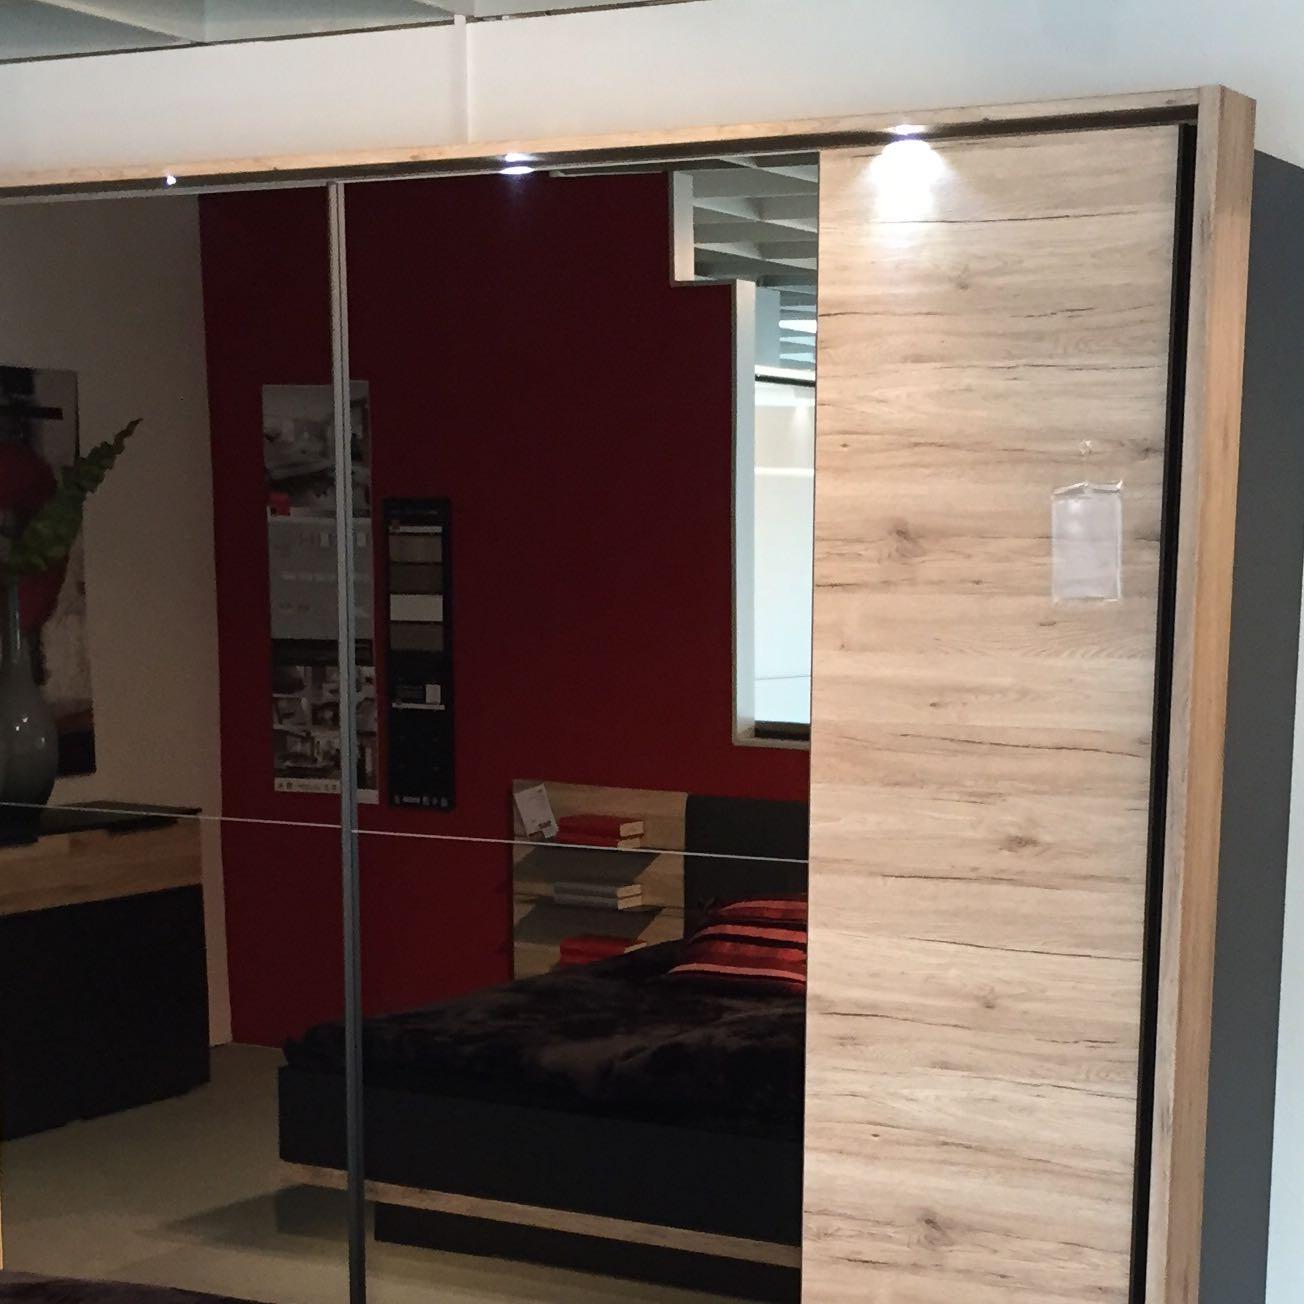 laminat im schlafzimmer in kombination mit einem sandeiche schrank. Black Bedroom Furniture Sets. Home Design Ideas